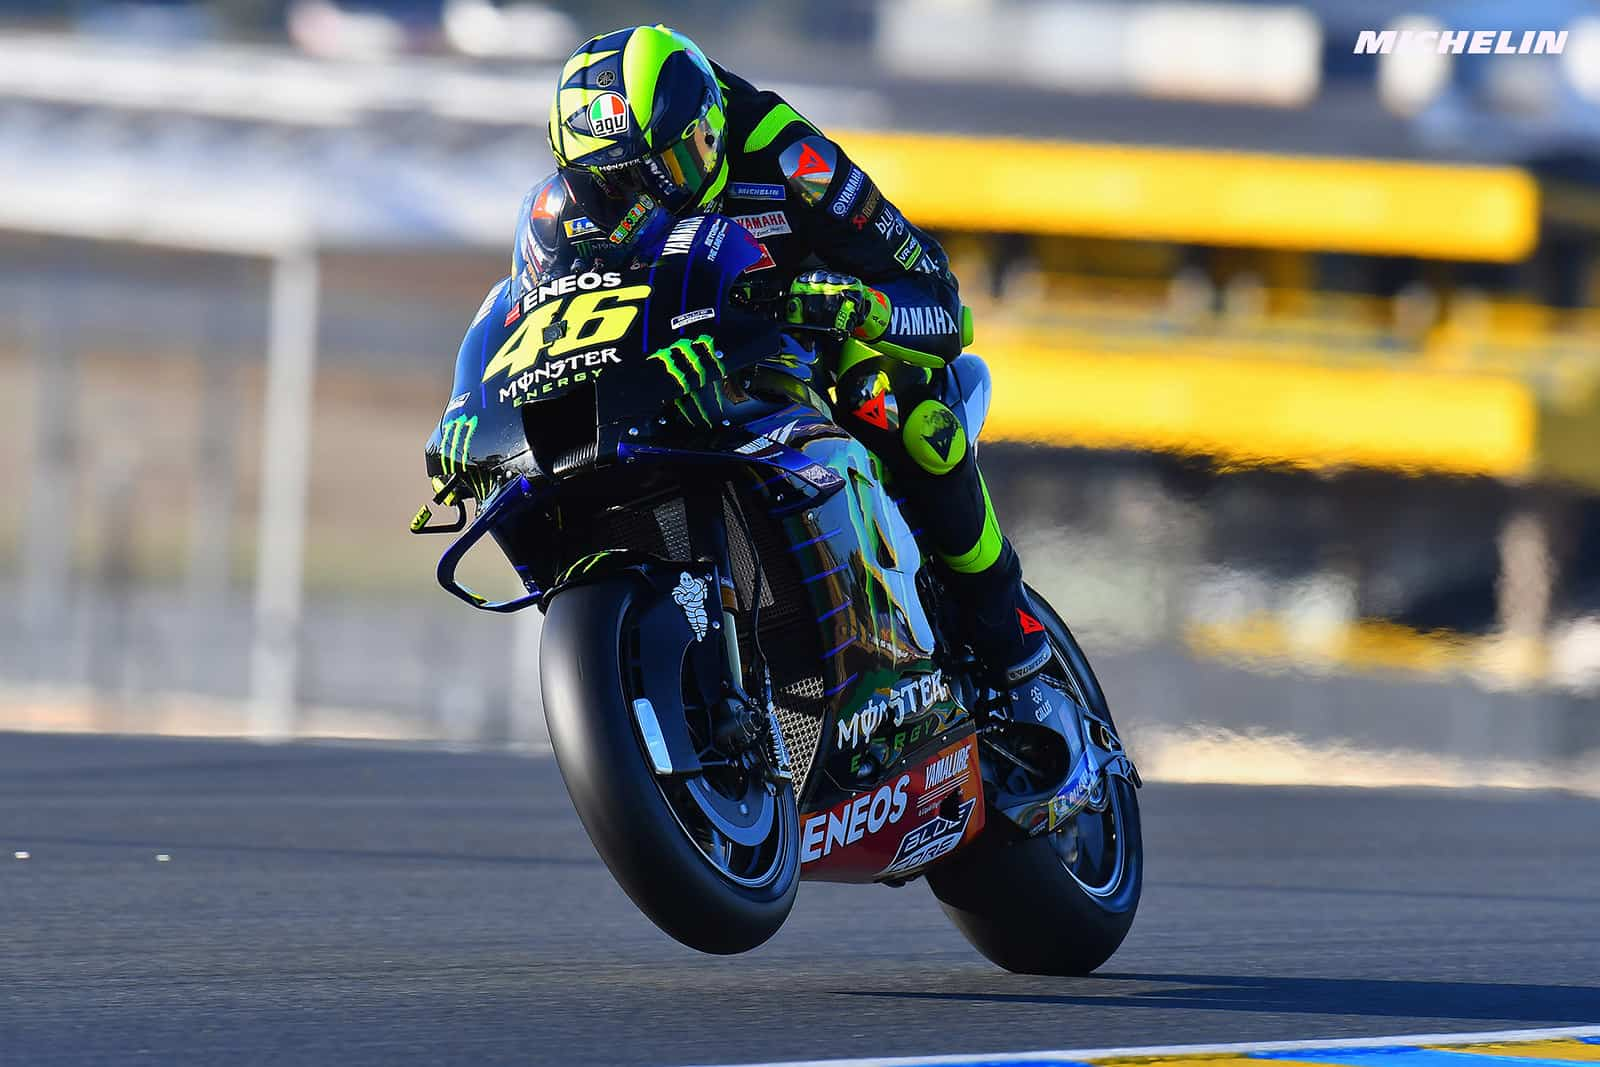 フランスGP 予選10位バレンティーノ・ロッシ「Q2の最後にミスをしてしまった」